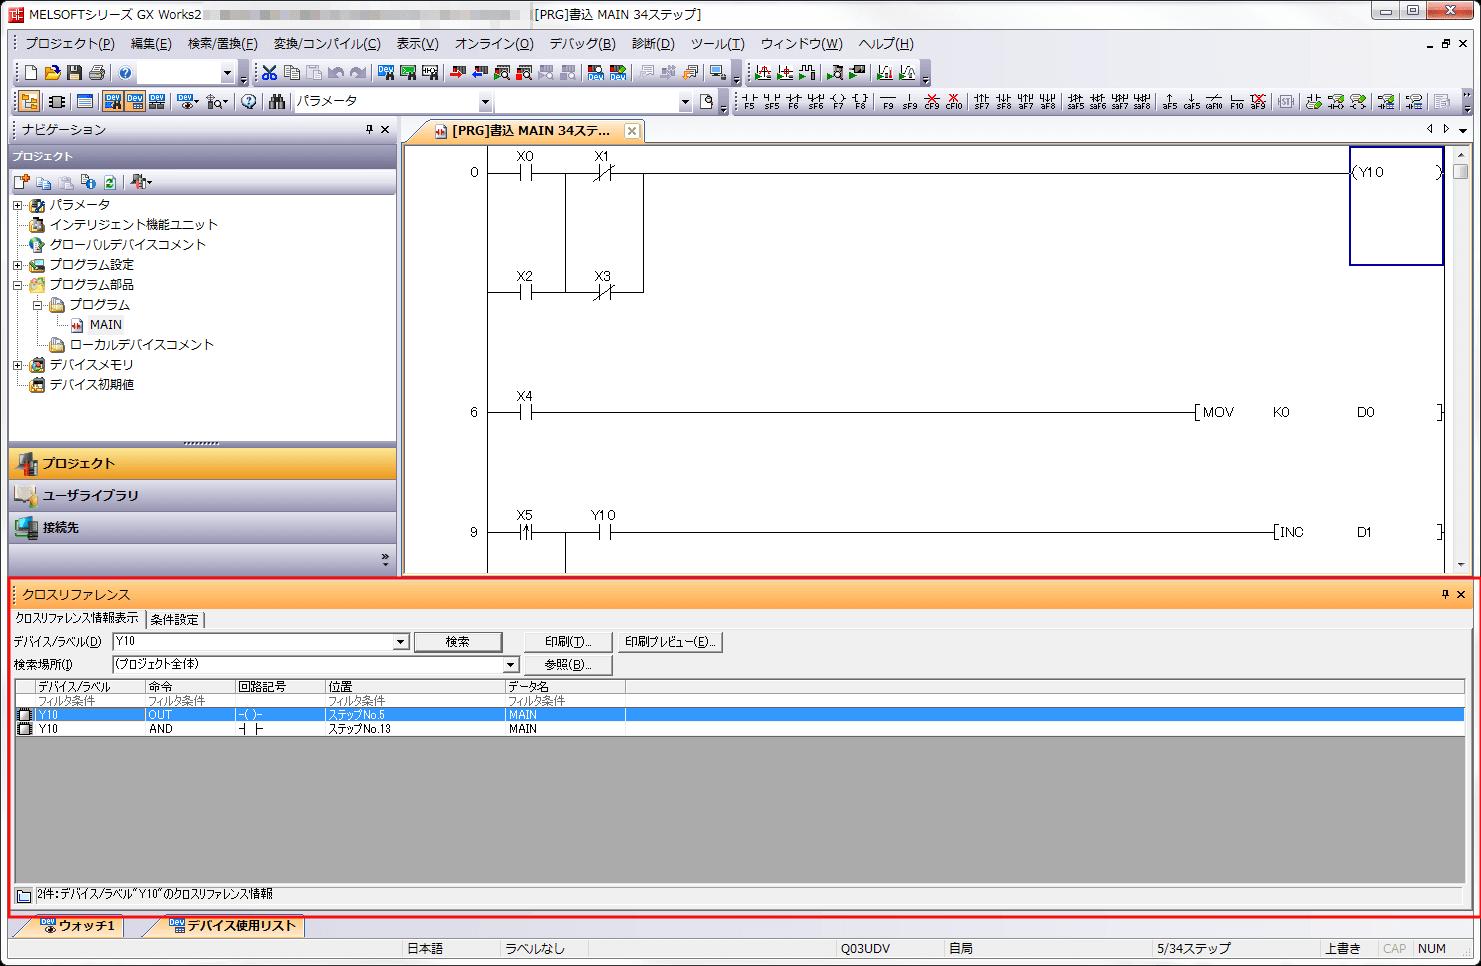 クロスリファレンス使用時の画面